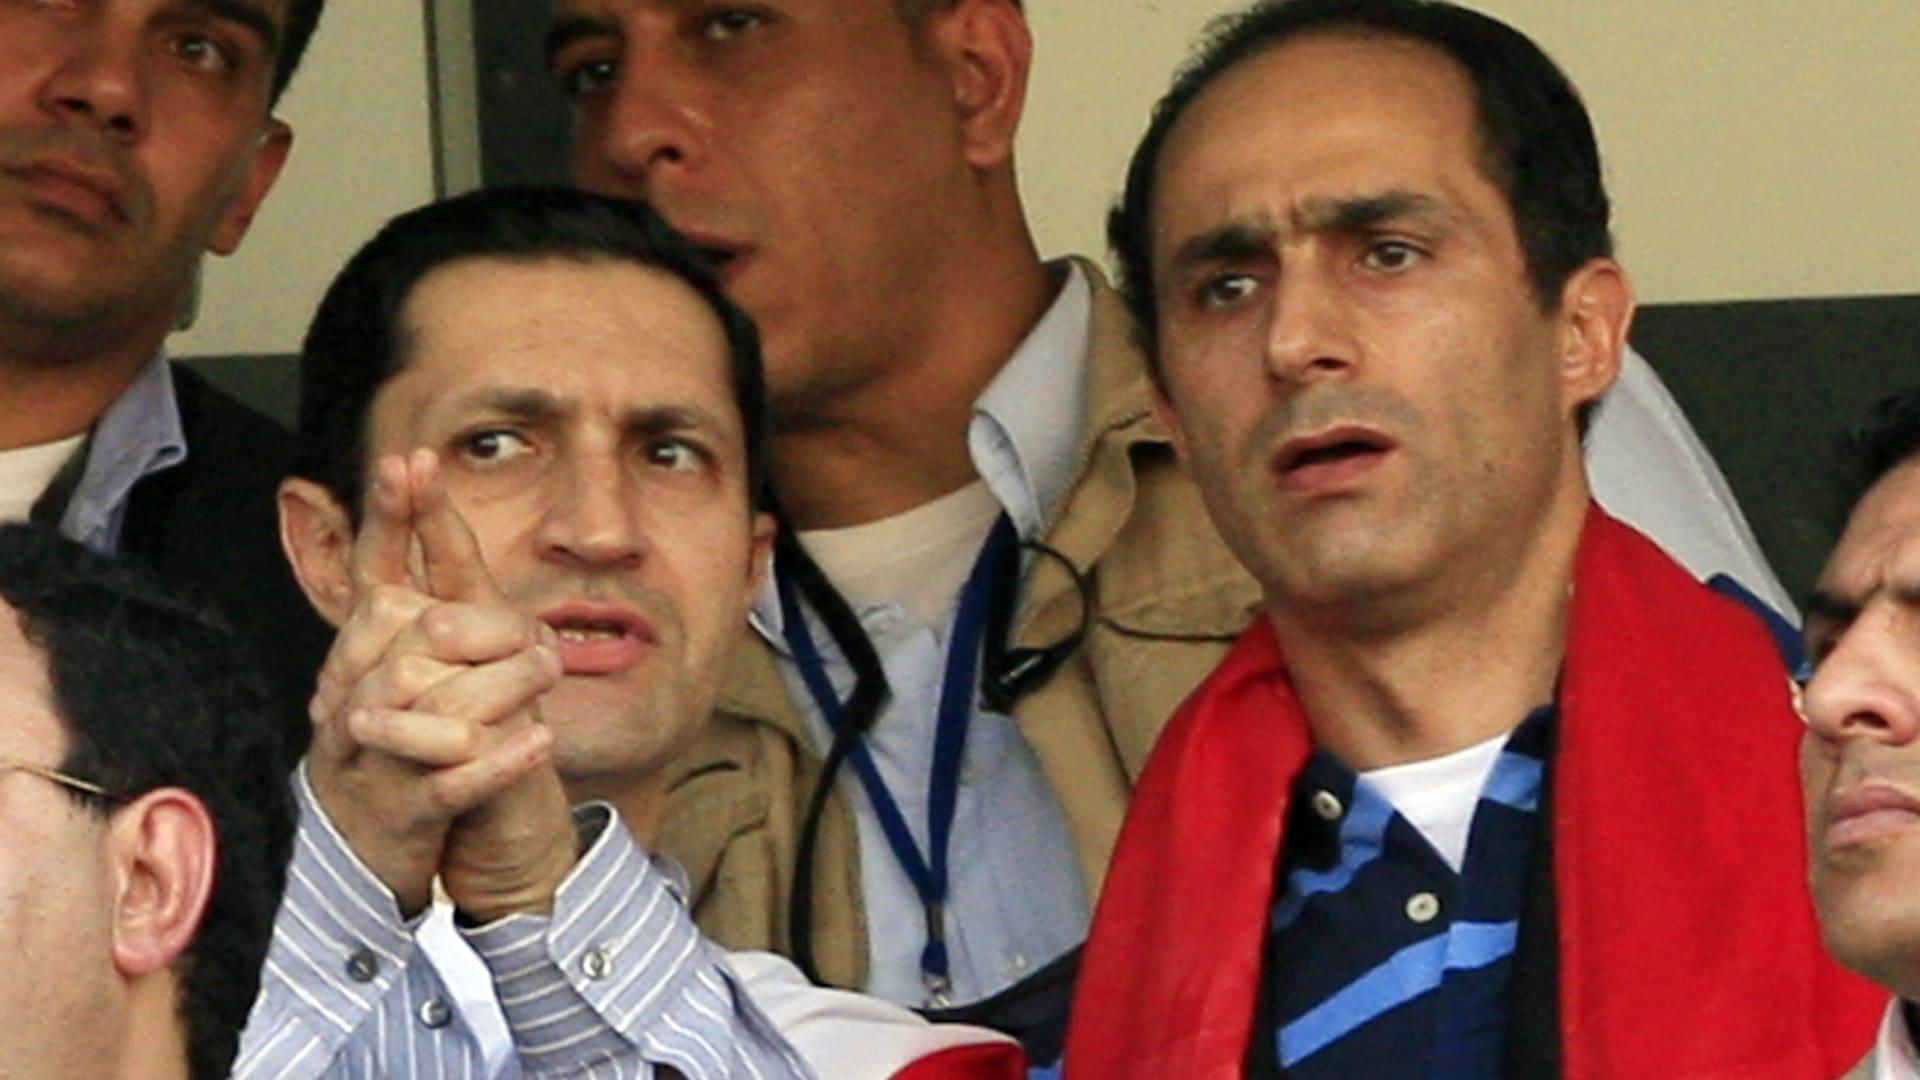 مصر.. أمر قضائي بالقبض على علاء وجمال مبارك